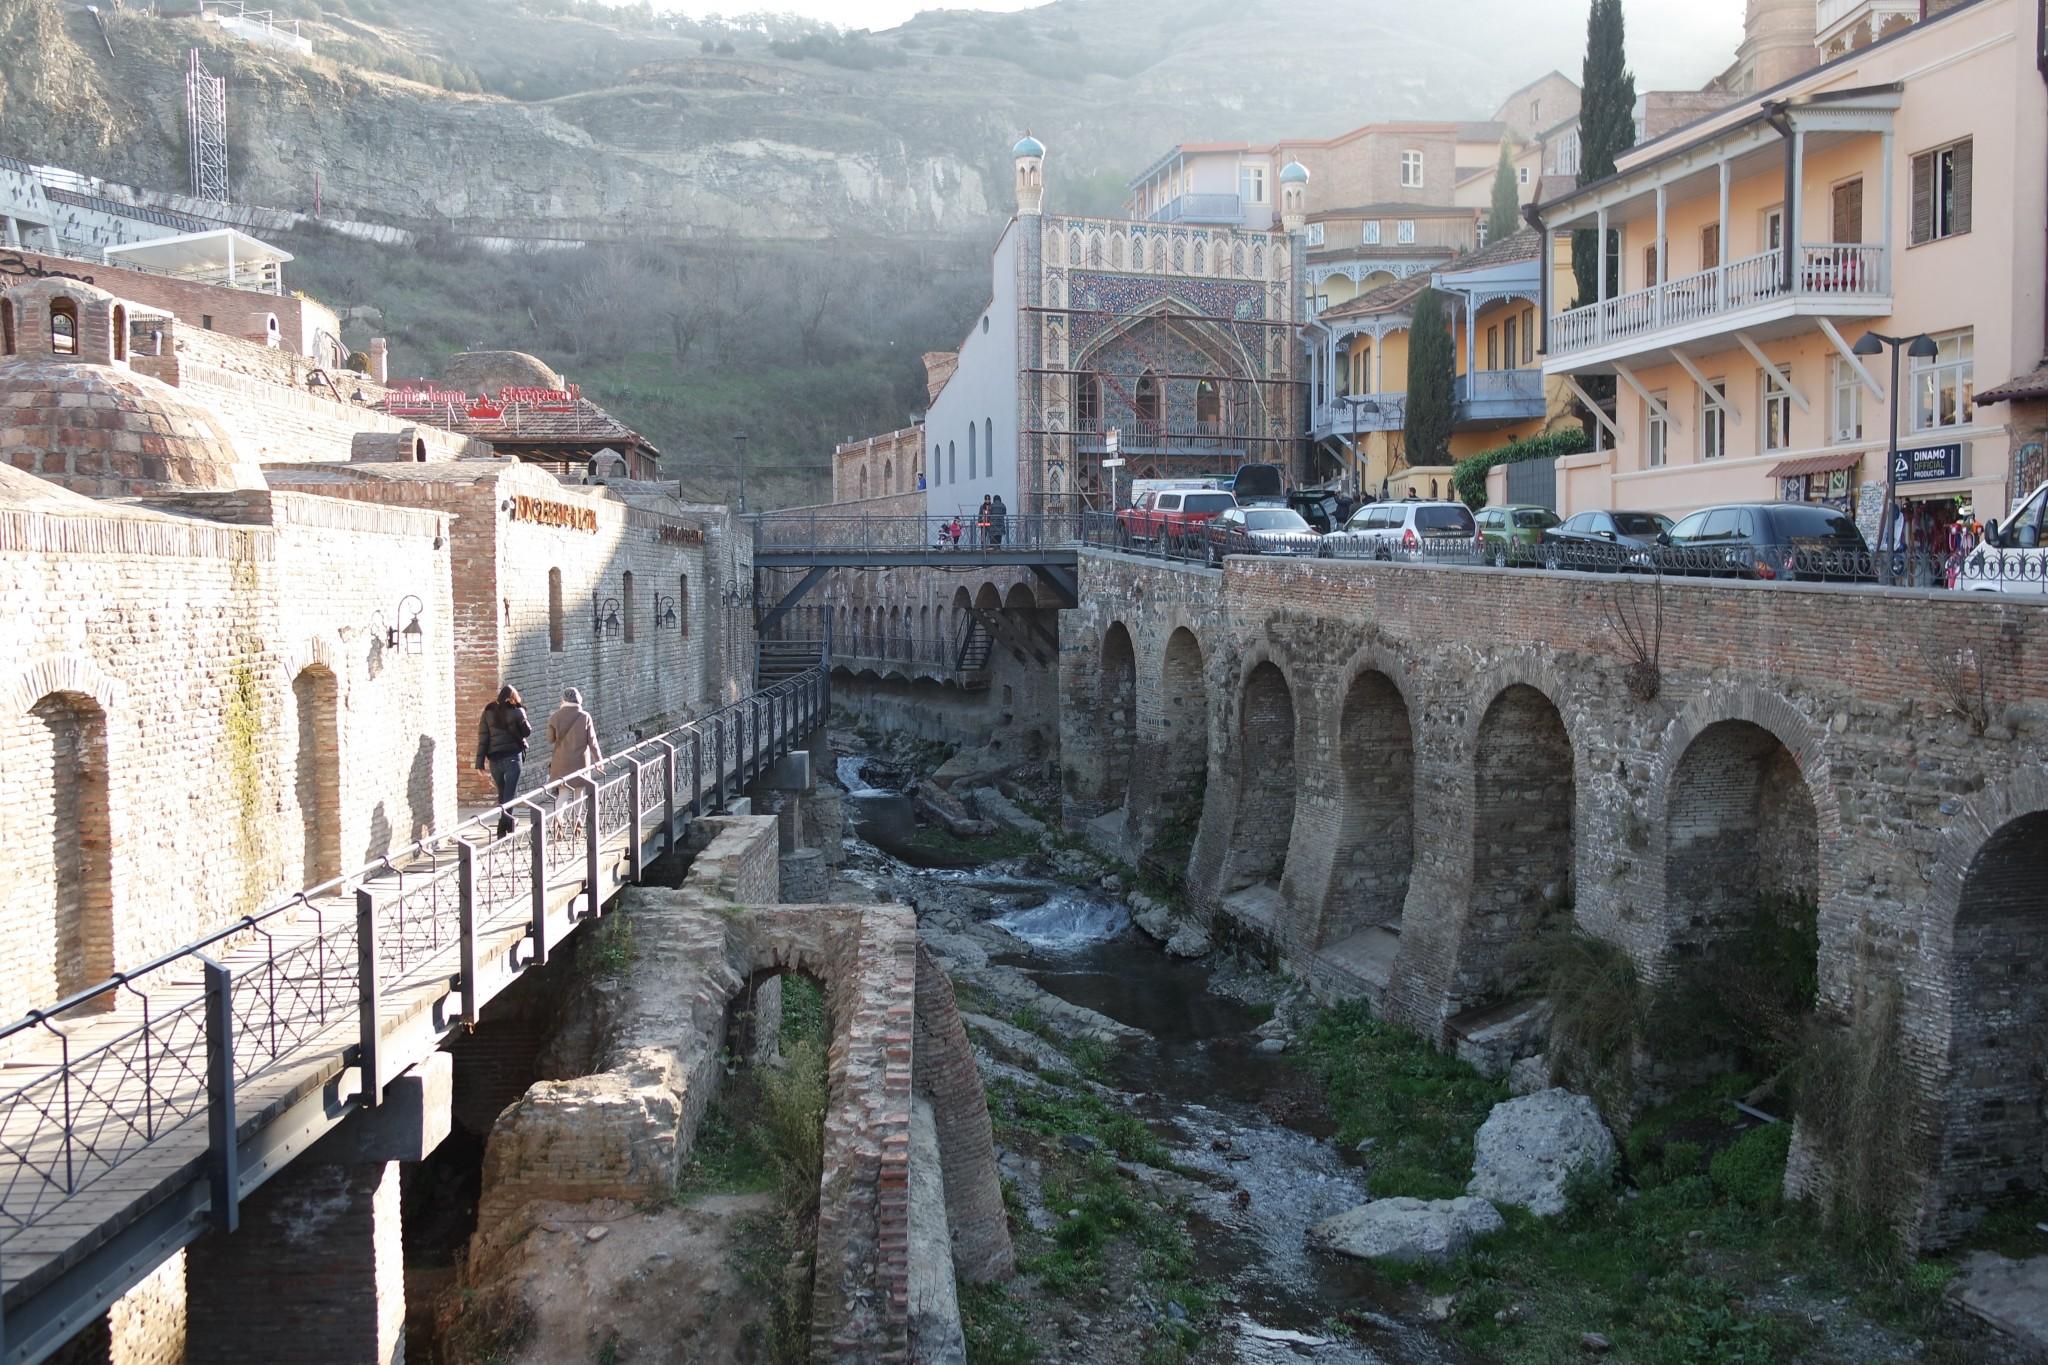 тбилиси что посмотреть зимой зависит того